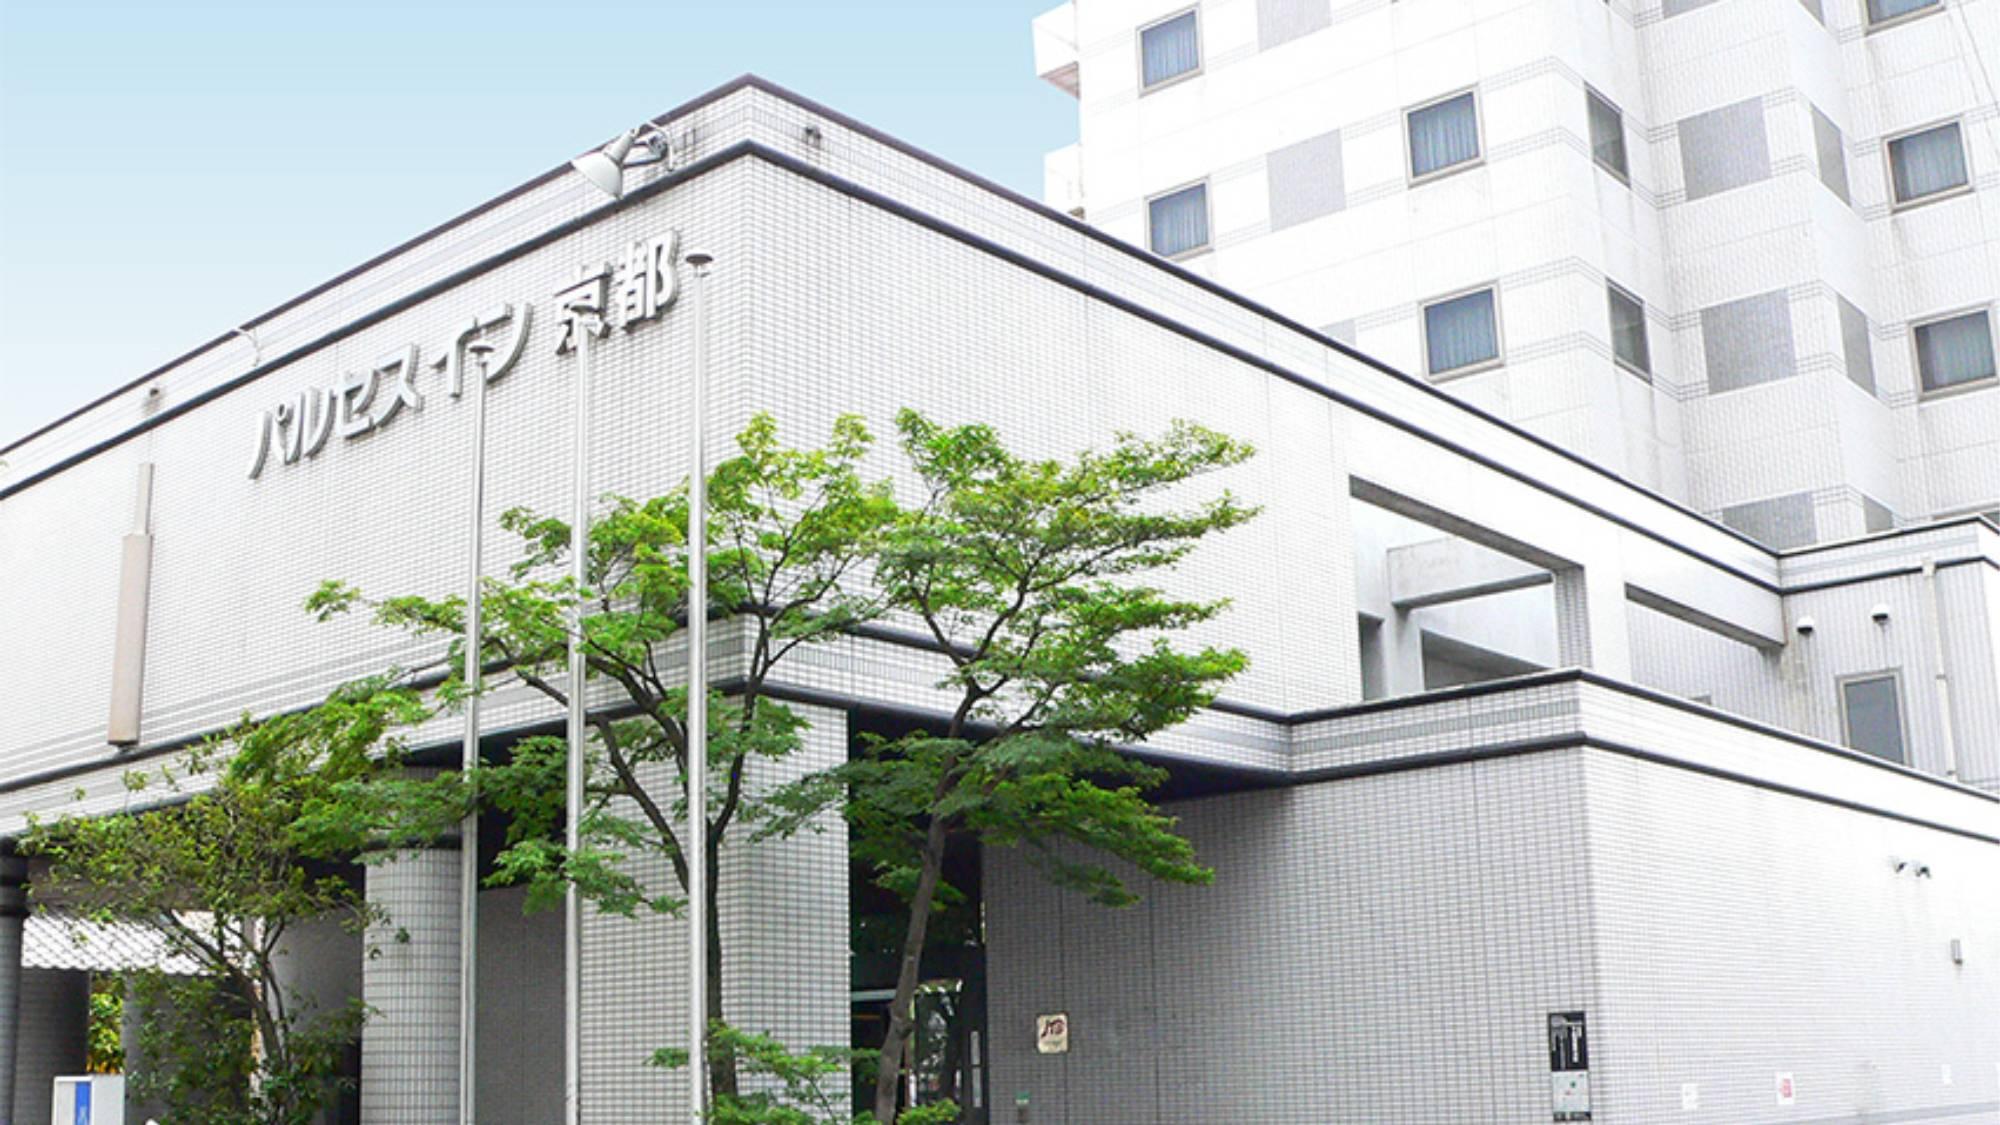 パルセス イン 京都